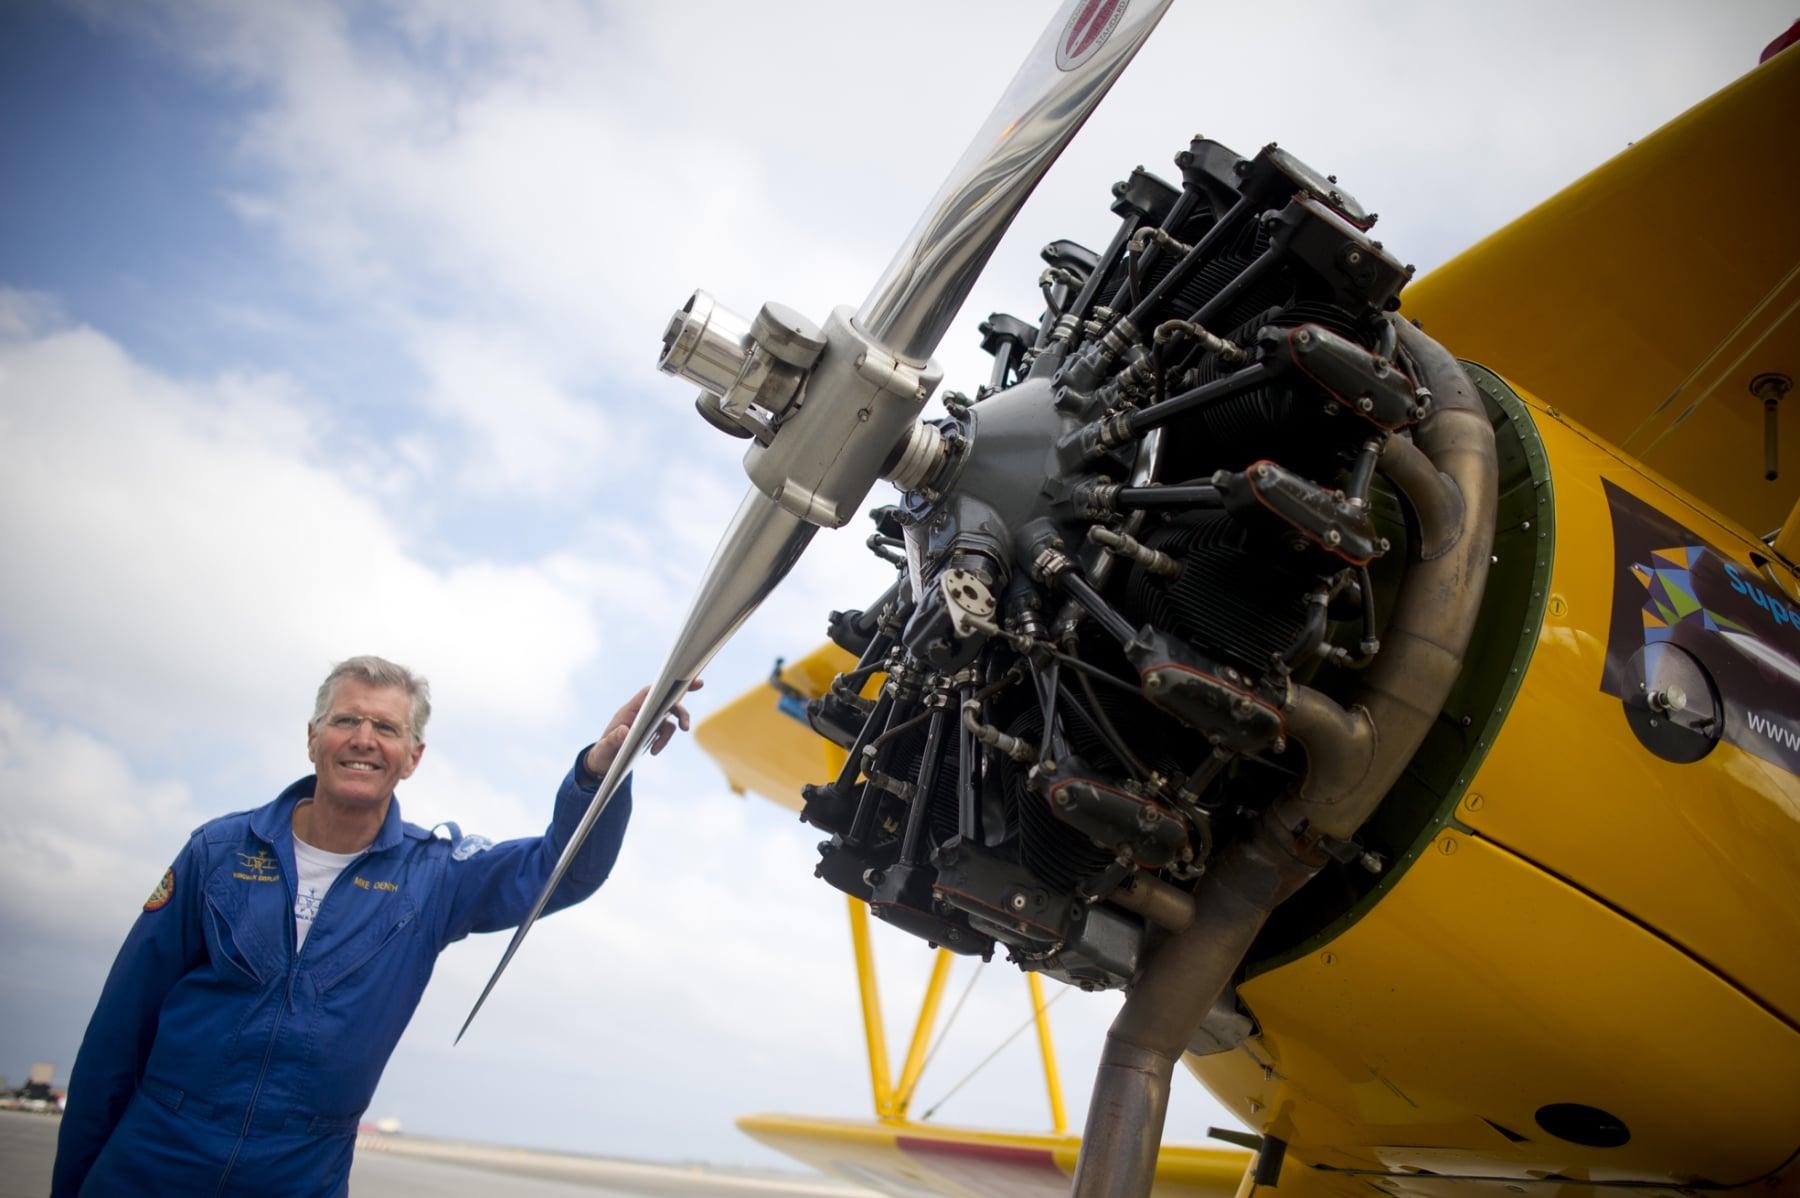 tom-lackey-acrobata-aereo-de-94-anos-en-gibraltar-10102014-06_15329668727_o